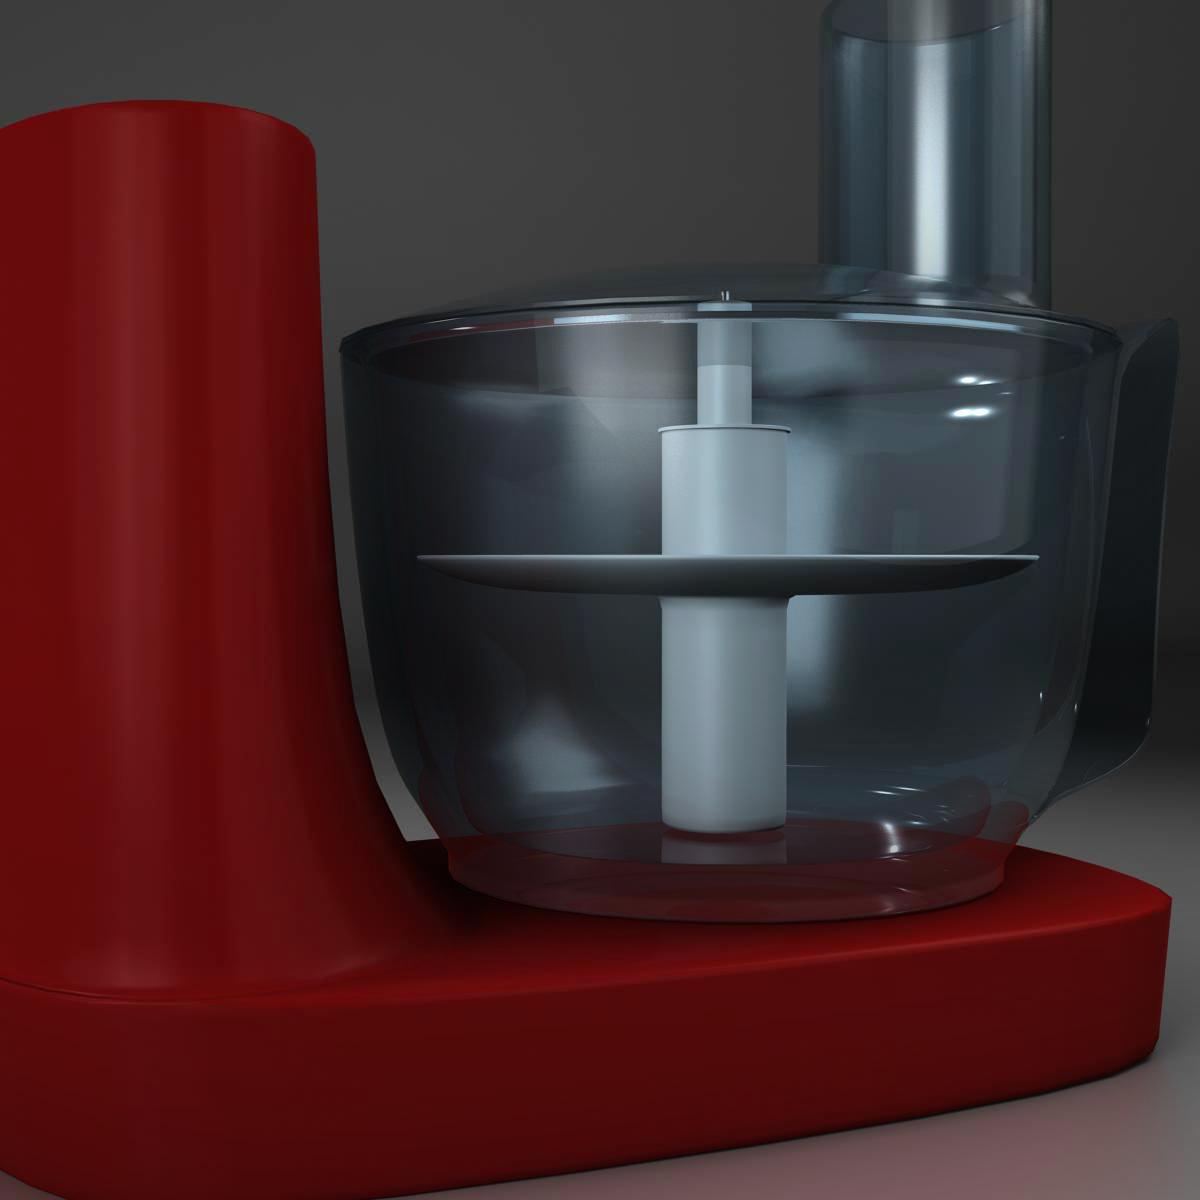 mixer 3d model 3ds max fbx c4d ma mb obj 159406